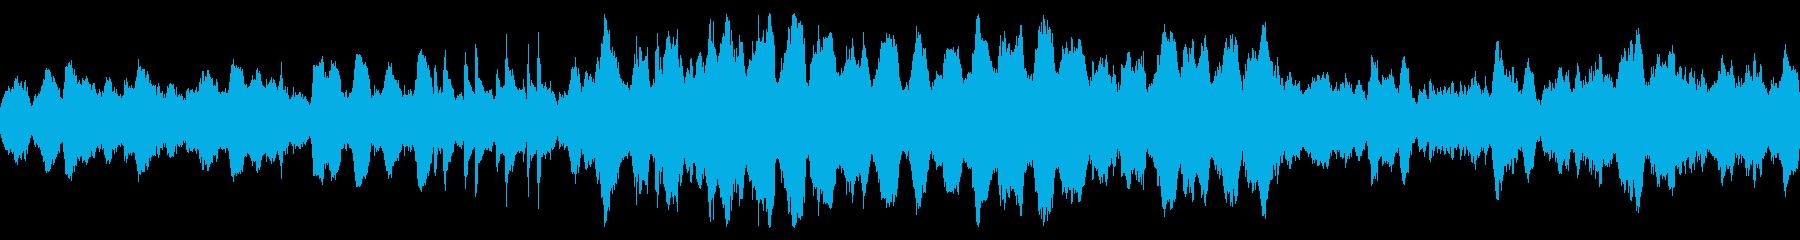 旧版RPG向けオーケストラ曲『夜空』の再生済みの波形